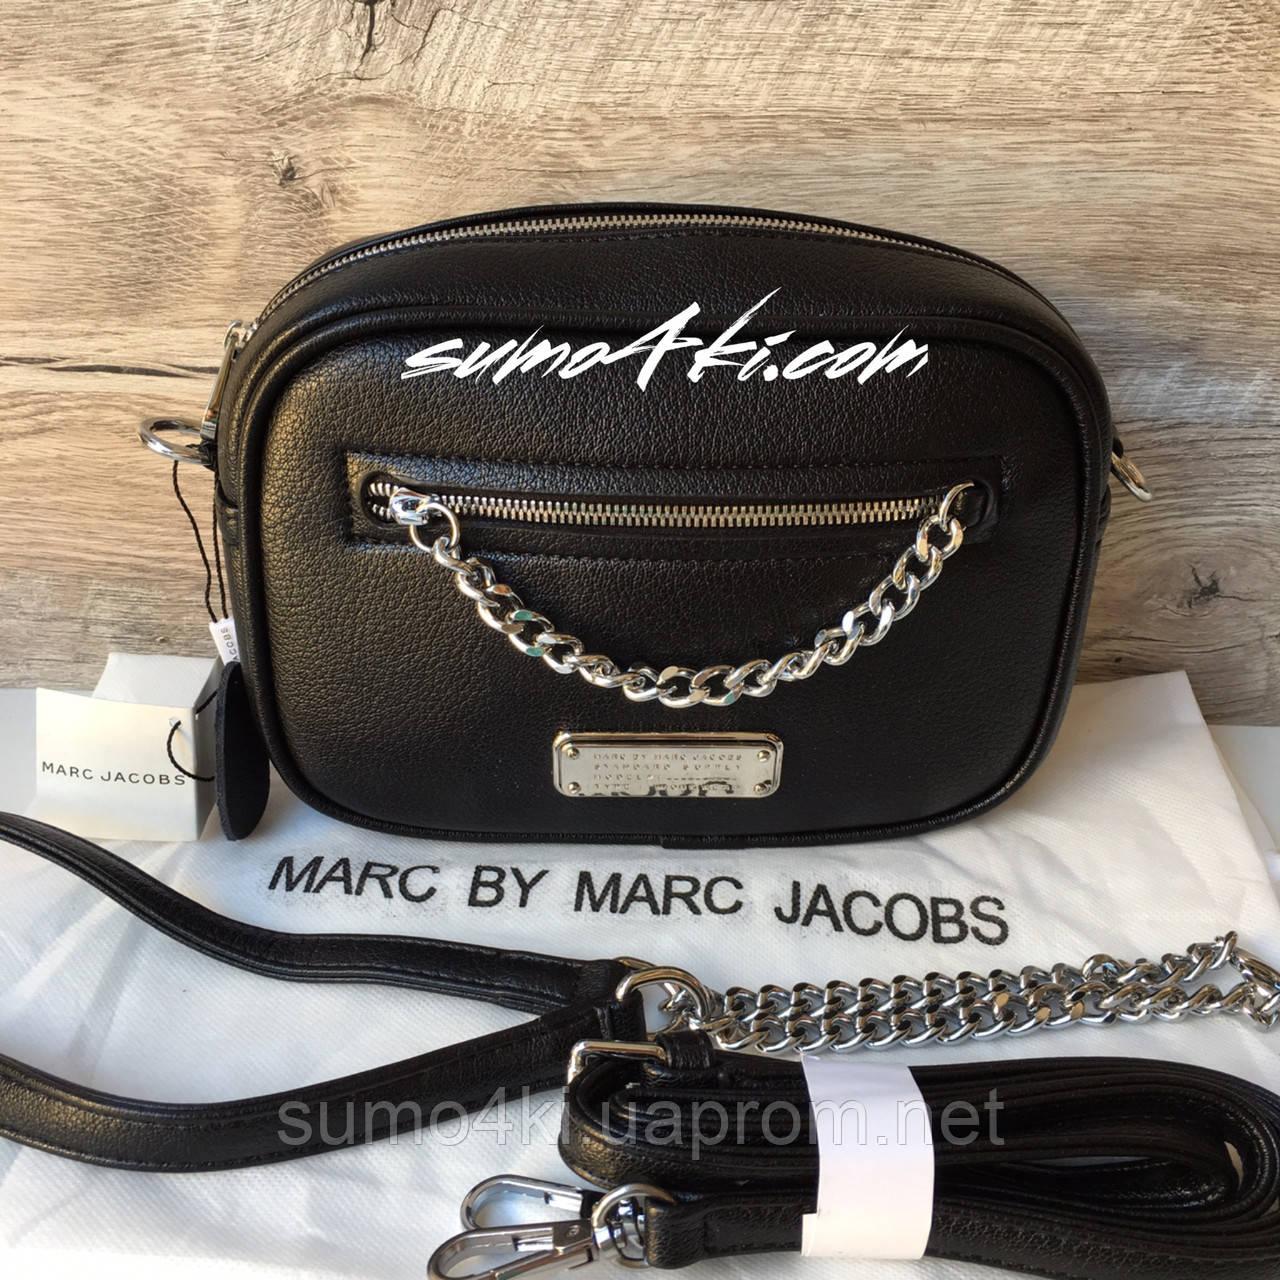 6c784bef7a73 Купить Женскую модную сумку Marc Jacobs оптом и в розницу в Одессе ...